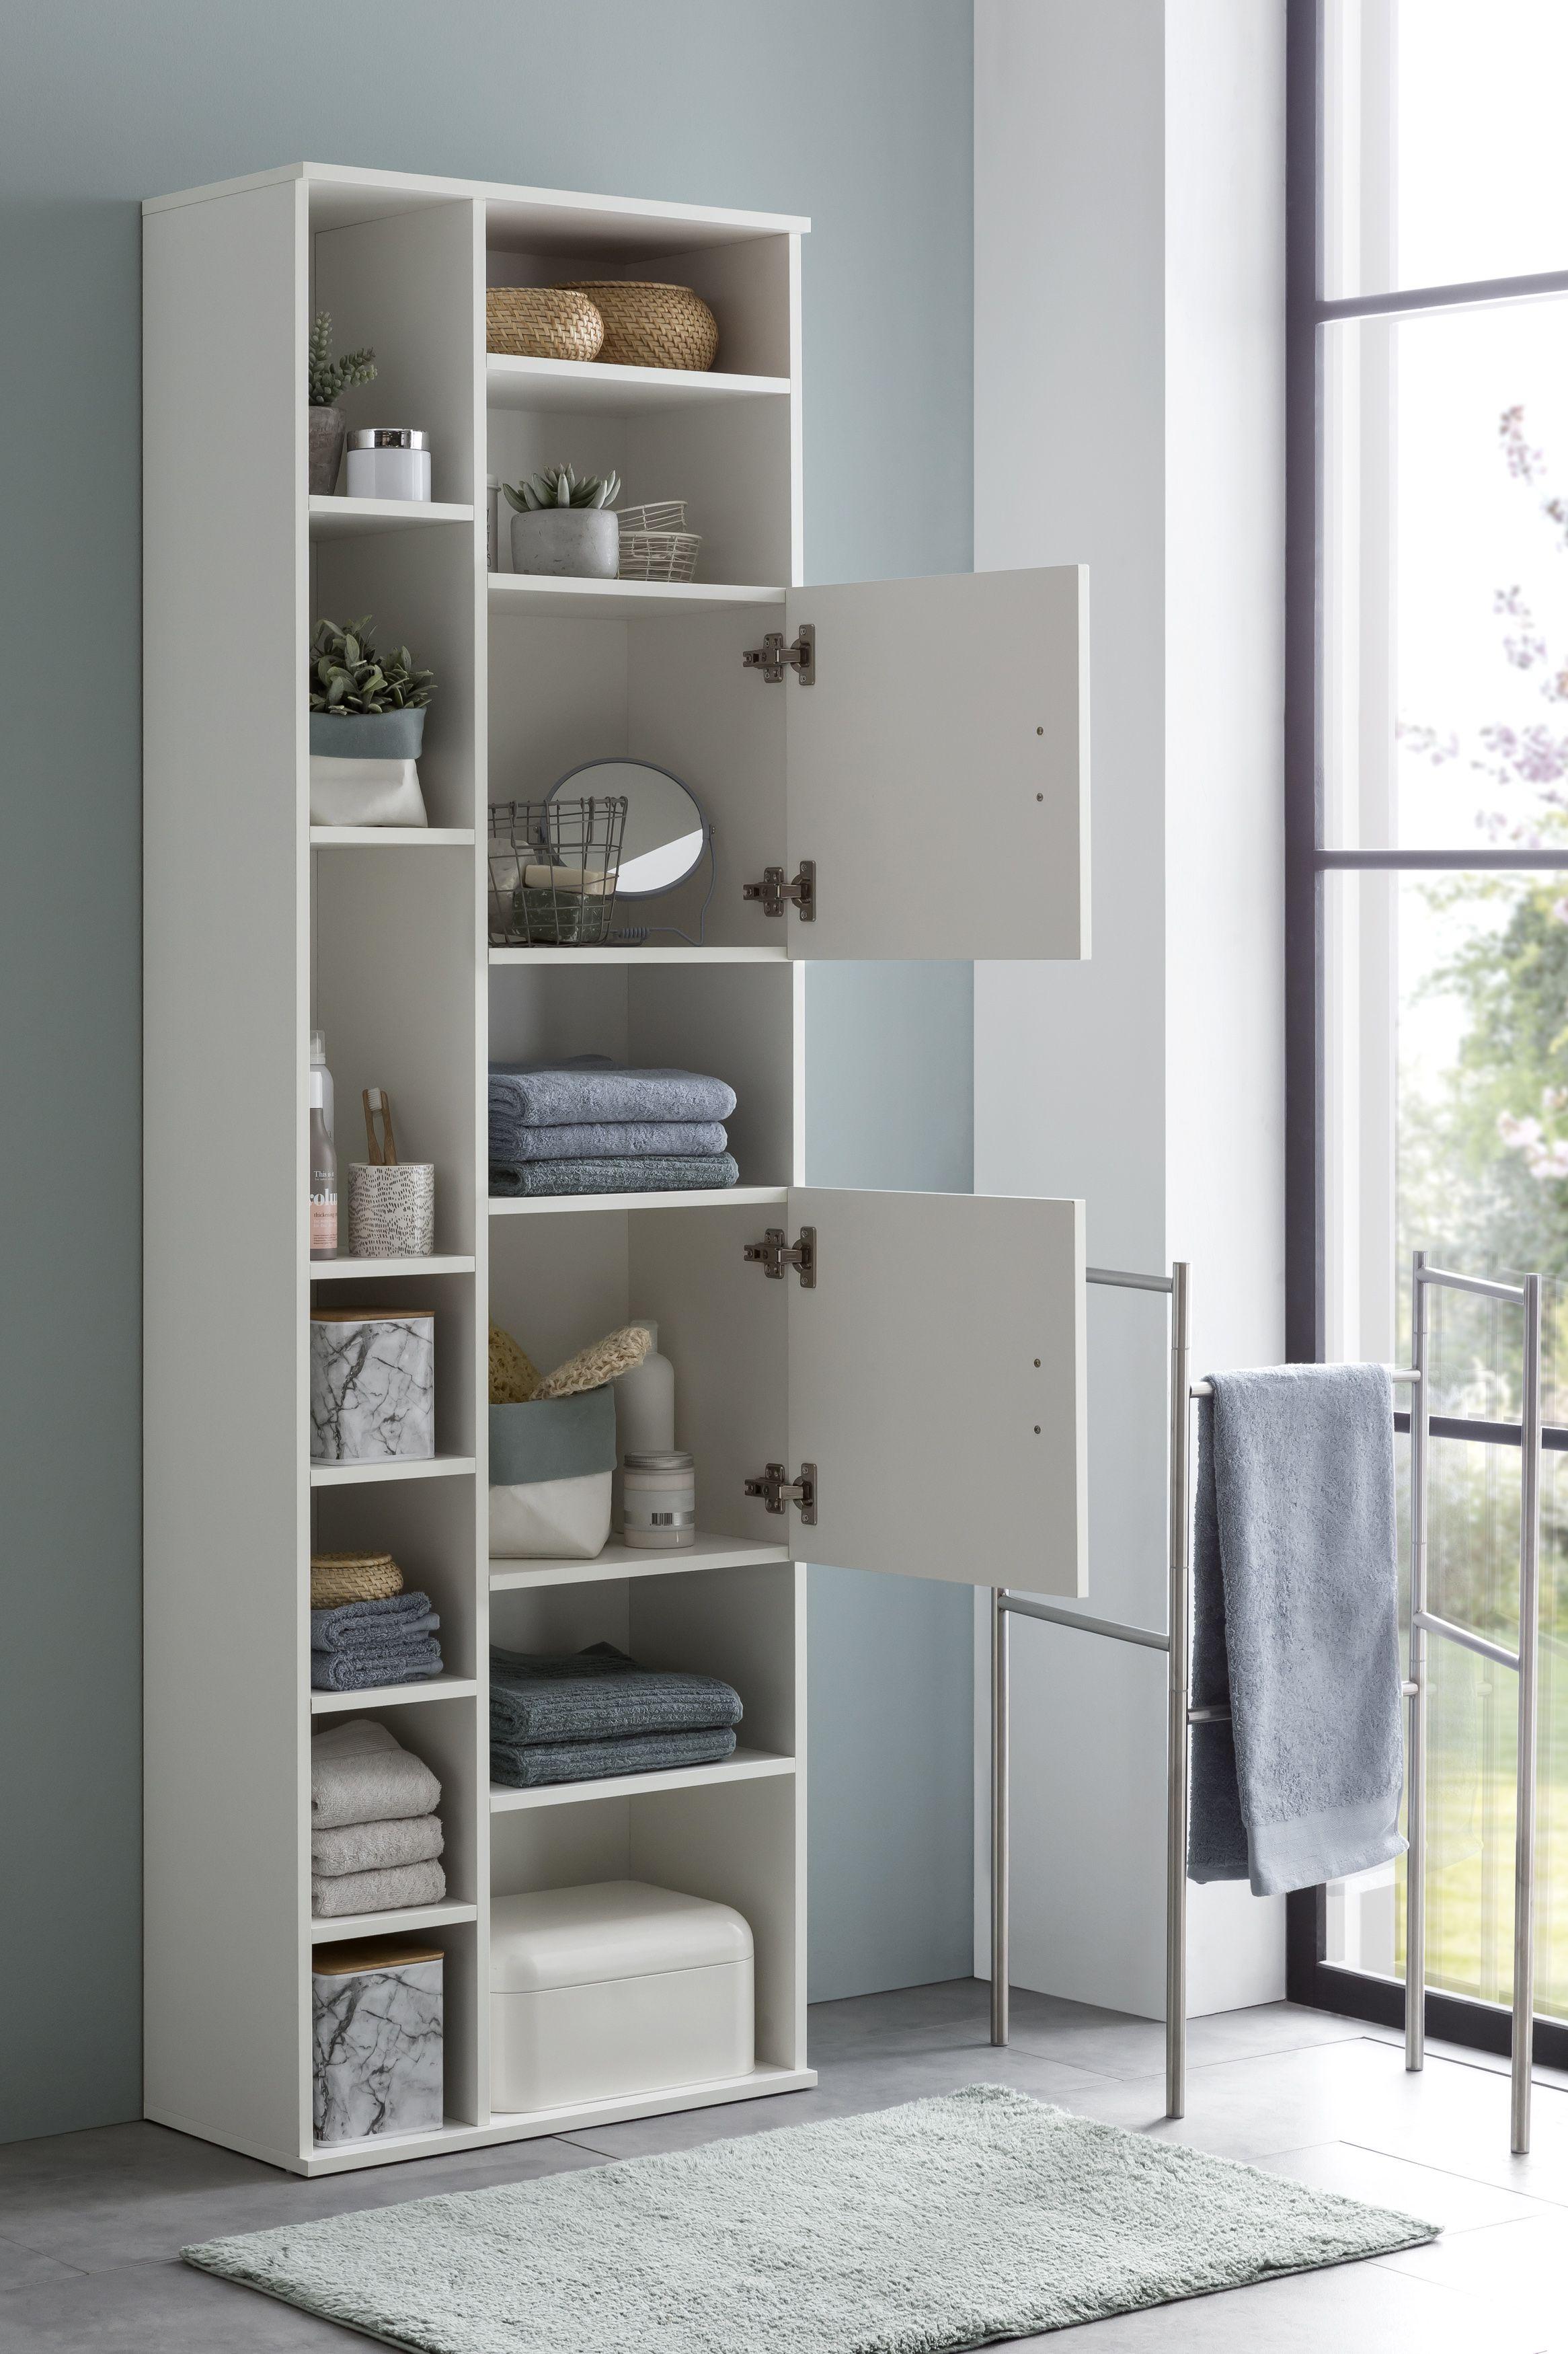 Wohnling Badschrank Weiss Wl5 878 Aus Spanplatte Bathroom Cabinet Badezimmer Schrank Badezimmer Mobel Weiss Schrank